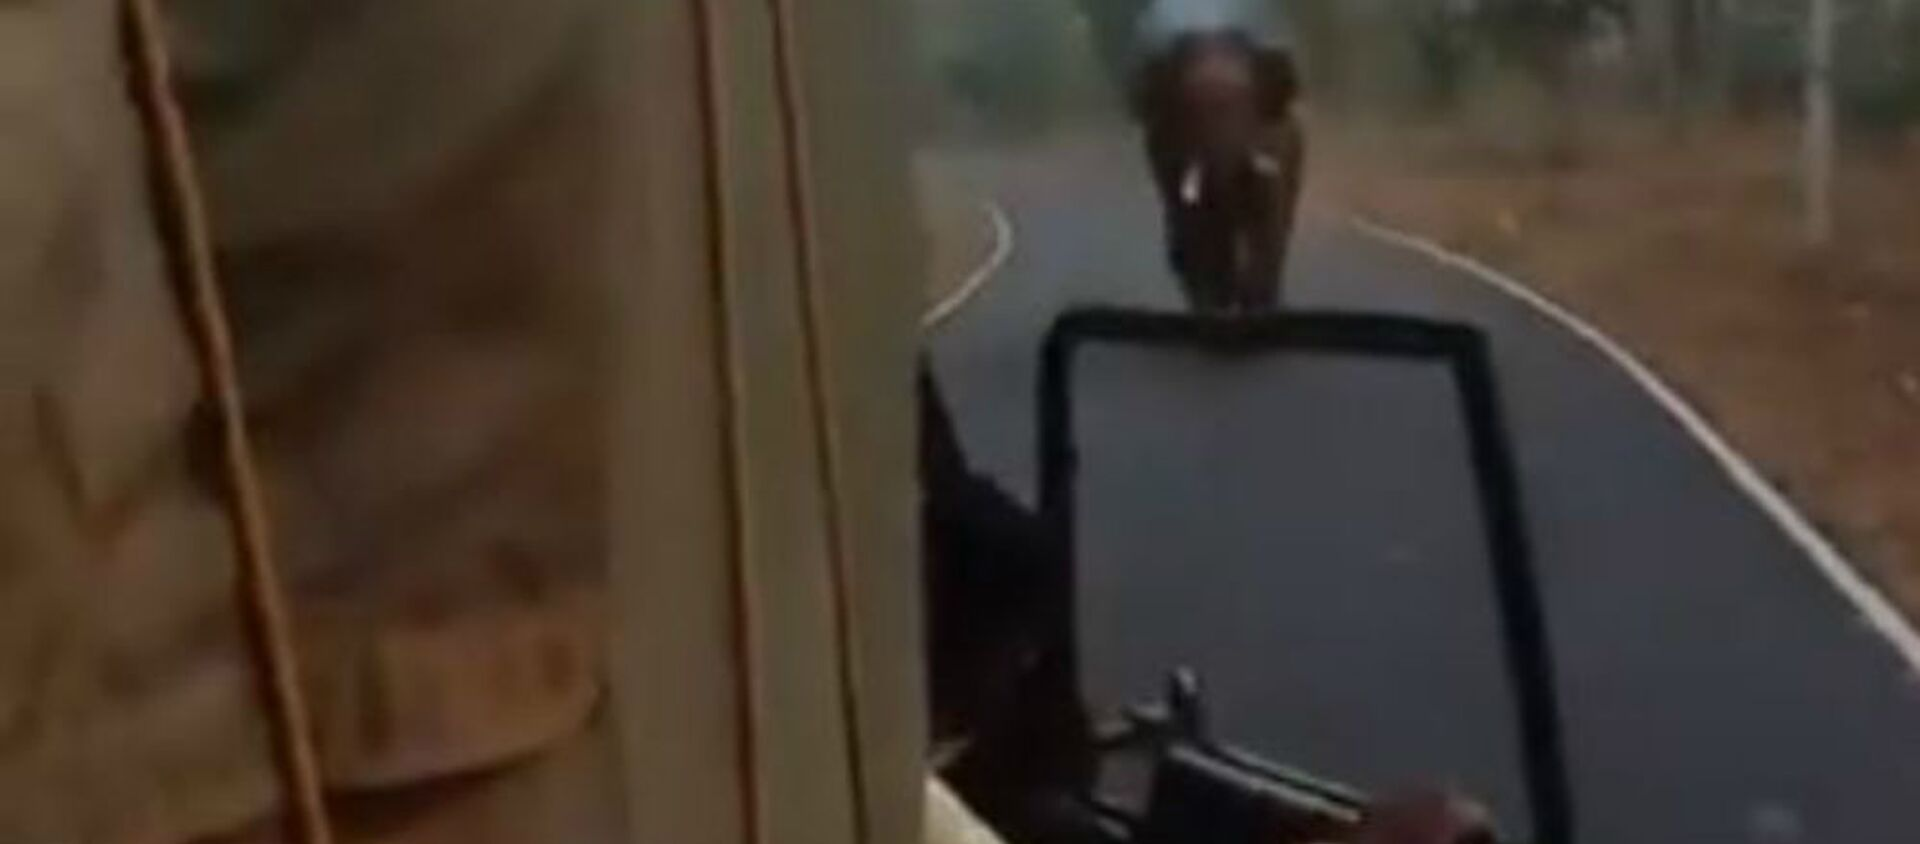 Οργισμένος ελέφαντας παίρνει στο κυνήγι φορτηγό σε Εθνικό Πάρκο στην Ινδία - Sputnik Ελλάδα, 1920, 18.01.2020